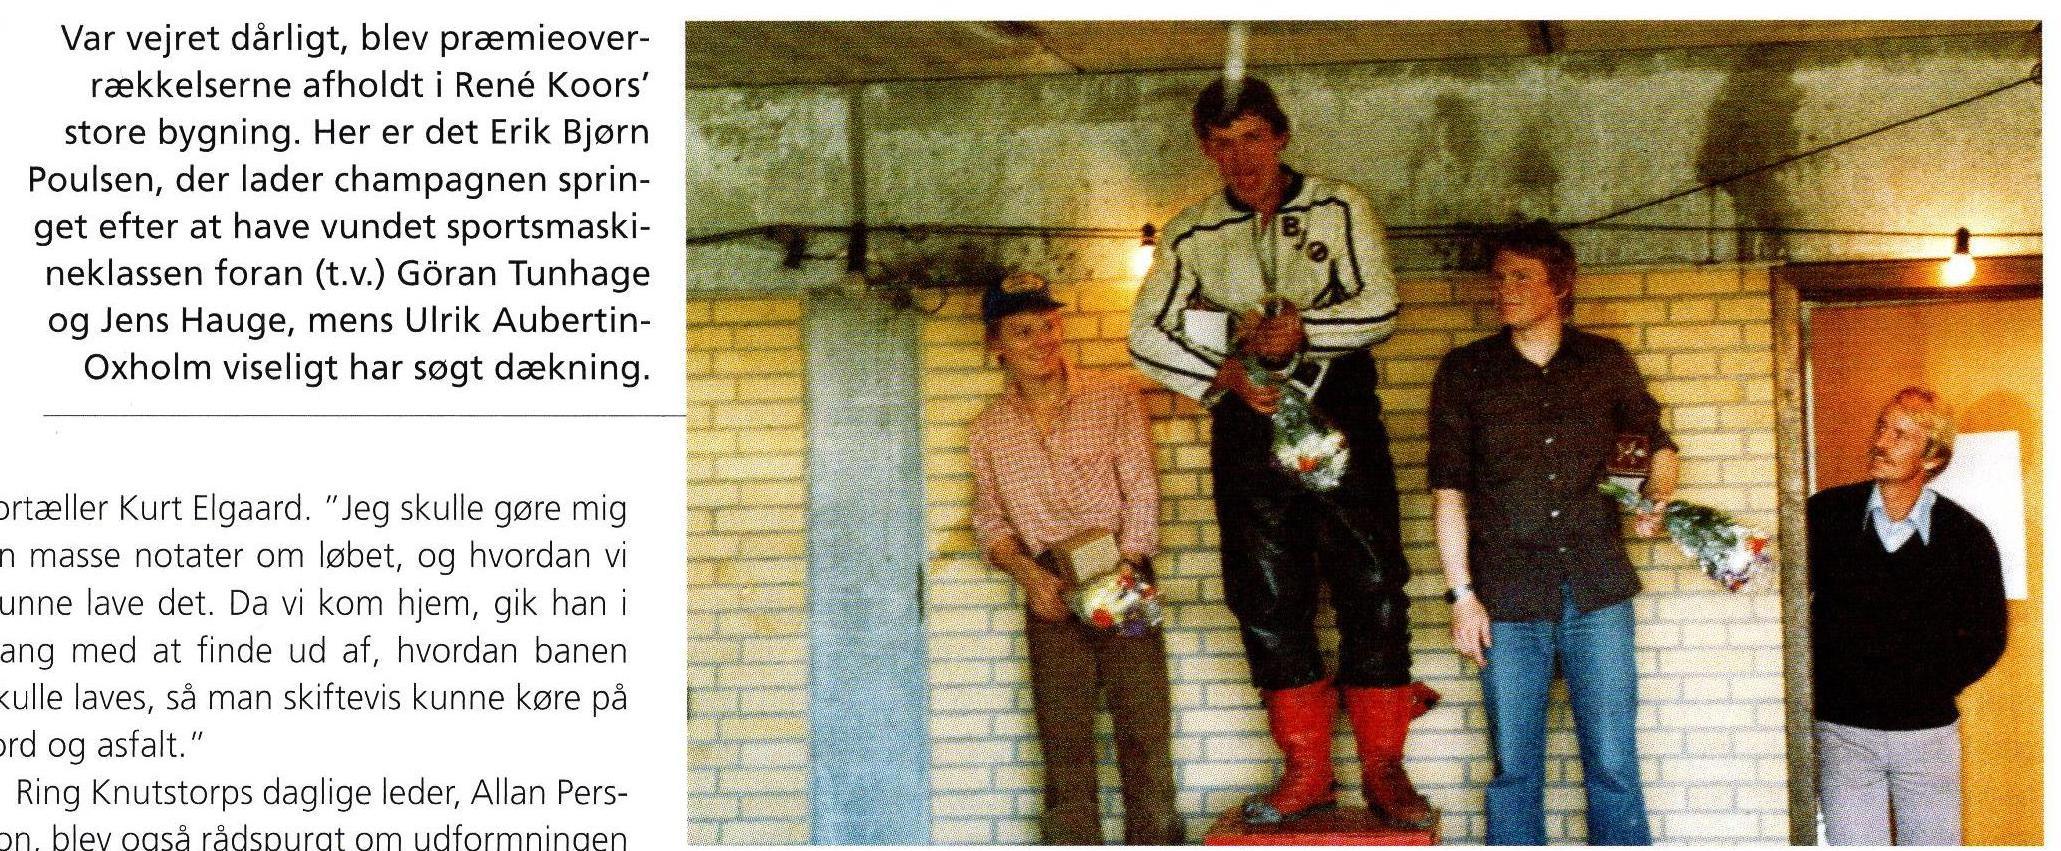 """Fra Alstrups bog. Vindertrioen i Sportsmaskineklassen. Erik Bjørn Poulsen """"Feddert"""" vandt foran Göran Tunhauge tv og Jens Thorup Hauge th. Løbsarrangør Ulrik Aubertin Oxholm ser til."""